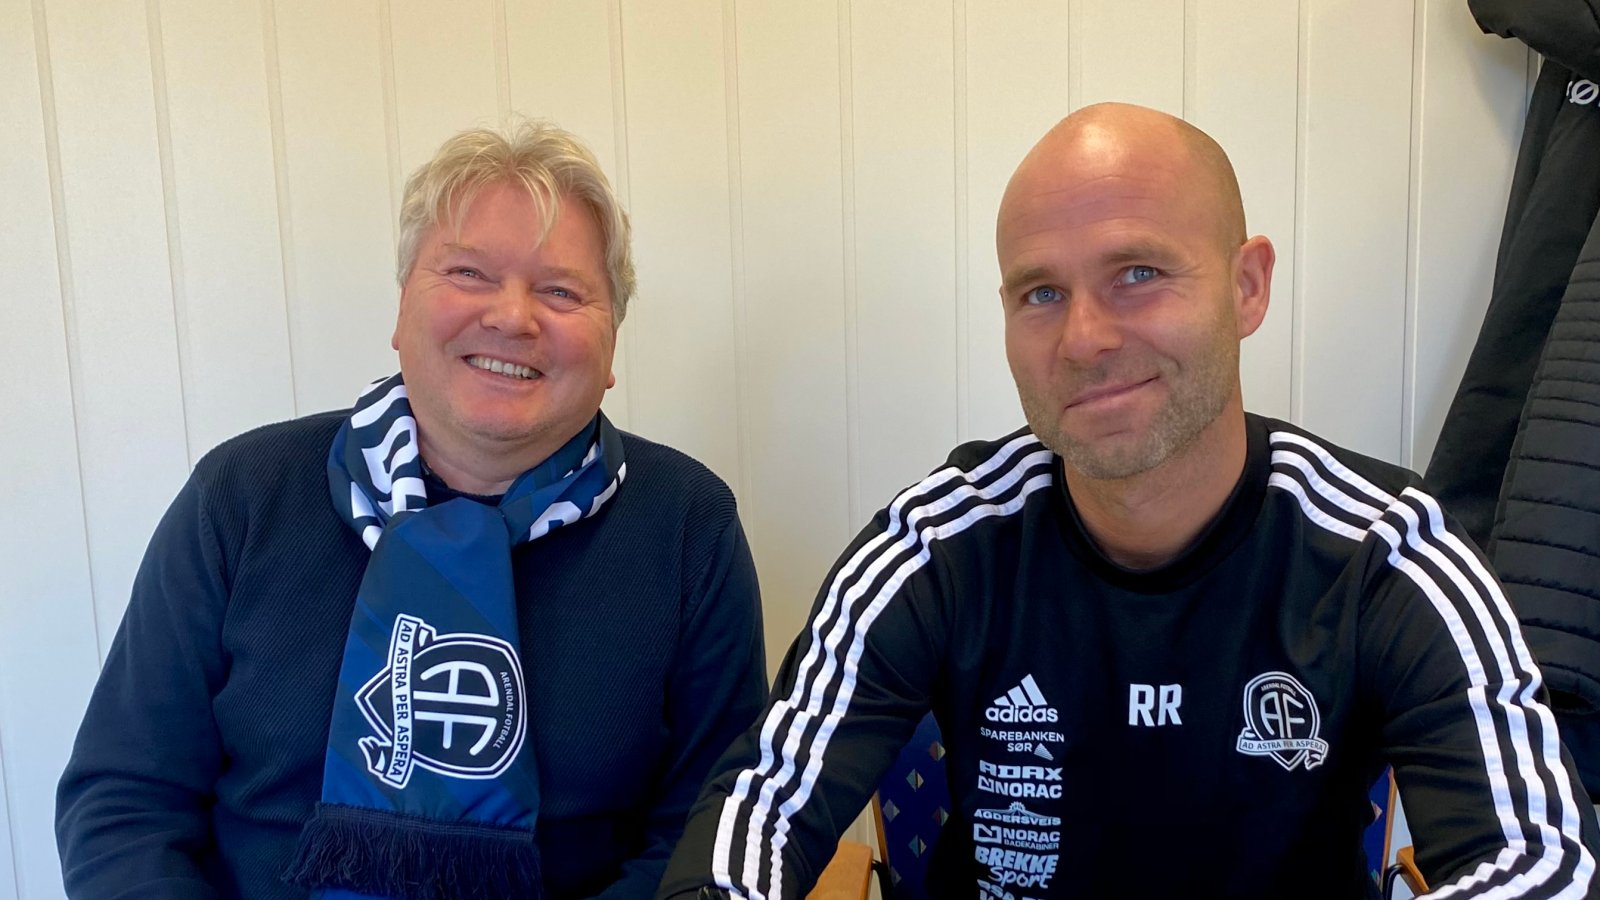 Sportslig leder Rune Aarrestad er fornøyd etter å ha blitt enig med Roger Risholt om en toårskontrakt som hovedtrener i Arendal Fotball.